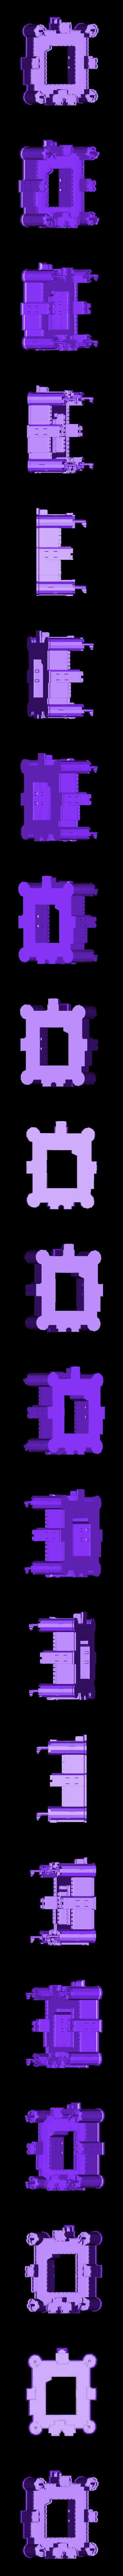 Castle.stl Télécharger fichier STL gratuit Château • Objet à imprimer en 3D, 3DBuilder